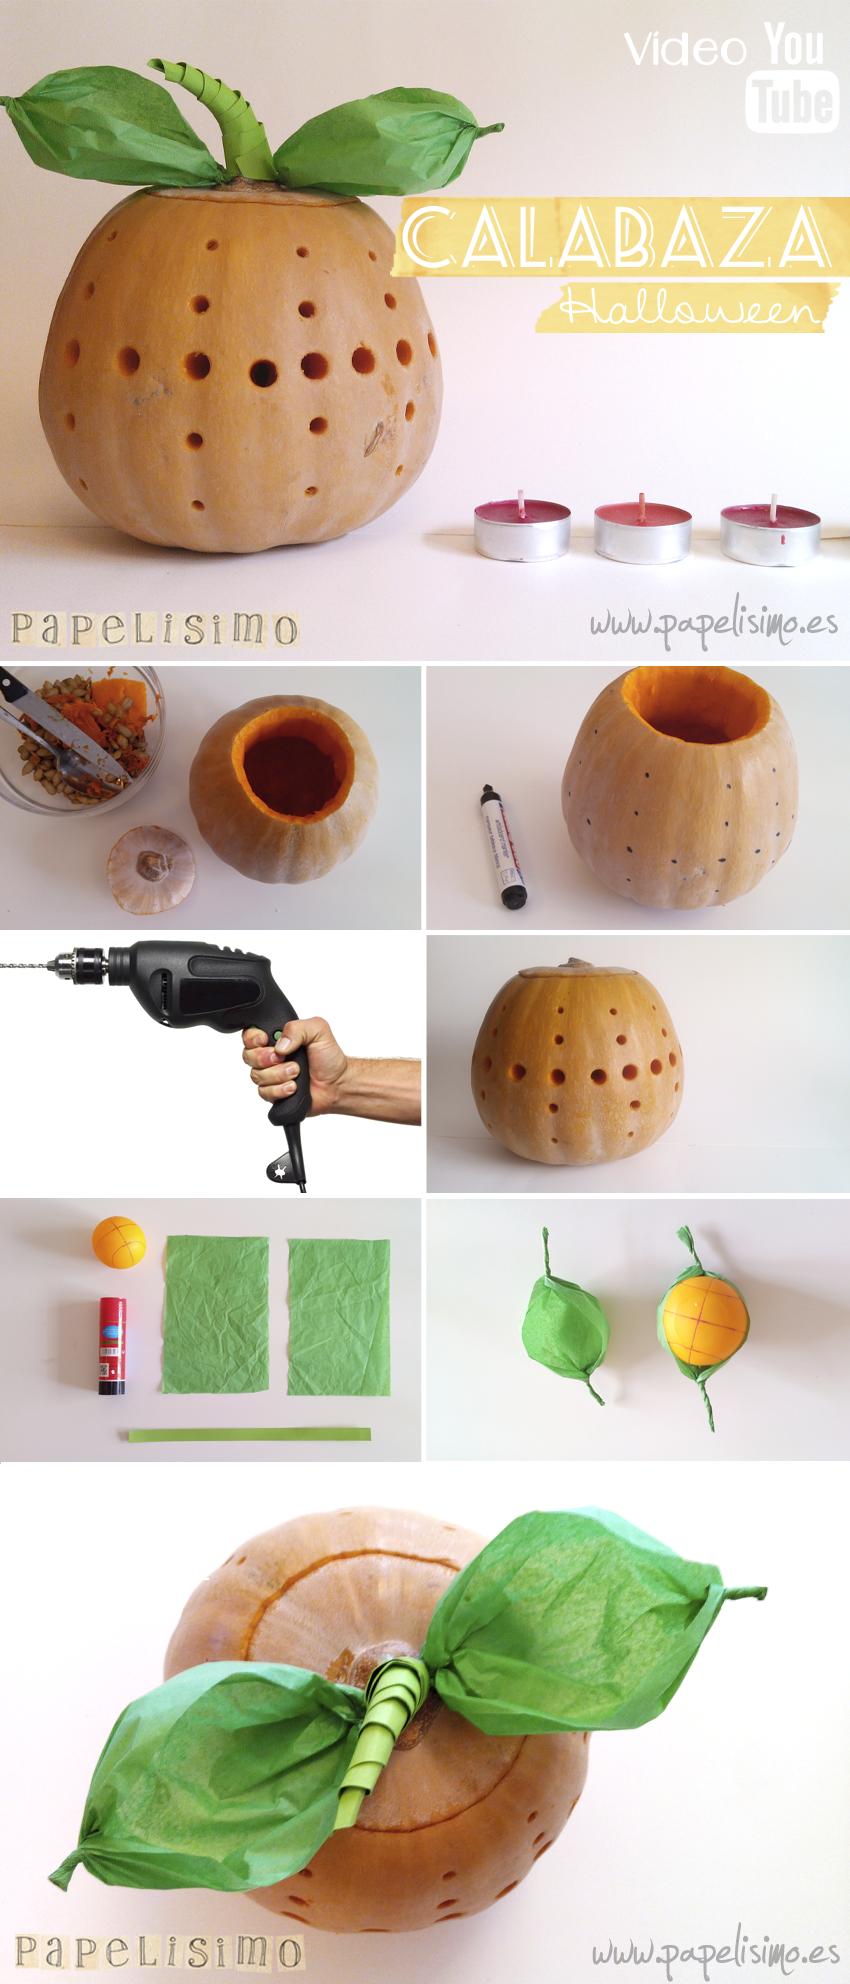 Calabaza de Halloween usando taladro PAPELISIMO